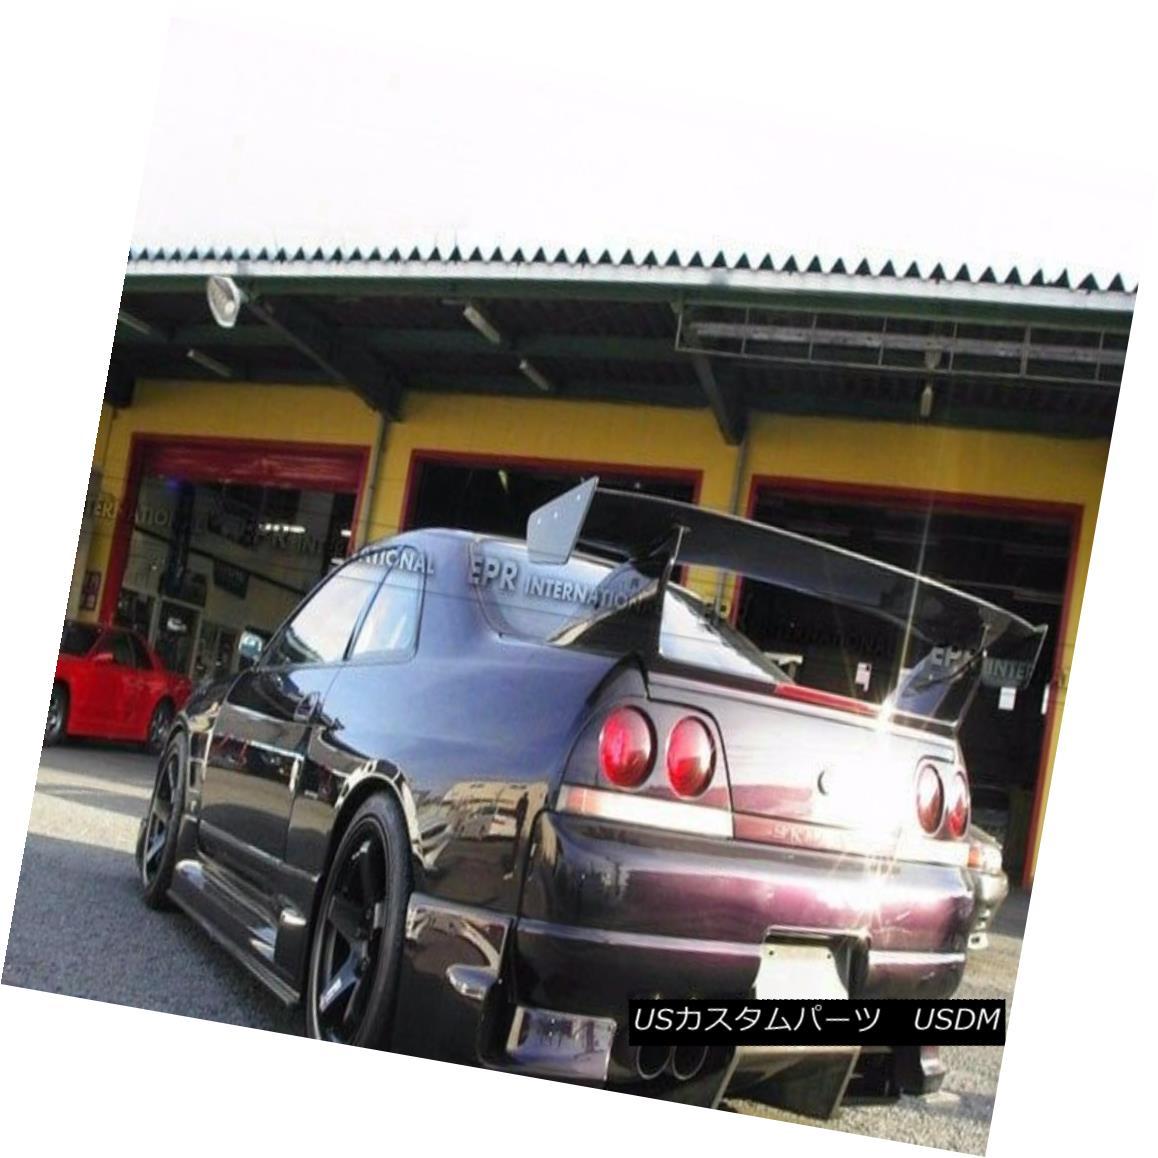 エアロパーツ Base Rear Fiber Spoiler Blade Fit R33 For Nissan R33 GTR Spoiler Base Only BeeR Carbon Fiber 日産R33 GTRスポイラー用リヤスポイラーブレードベースBeeRカーボンファイバーベース, 【希望者のみラッピング無料】:22902305 --- officewill.xsrv.jp